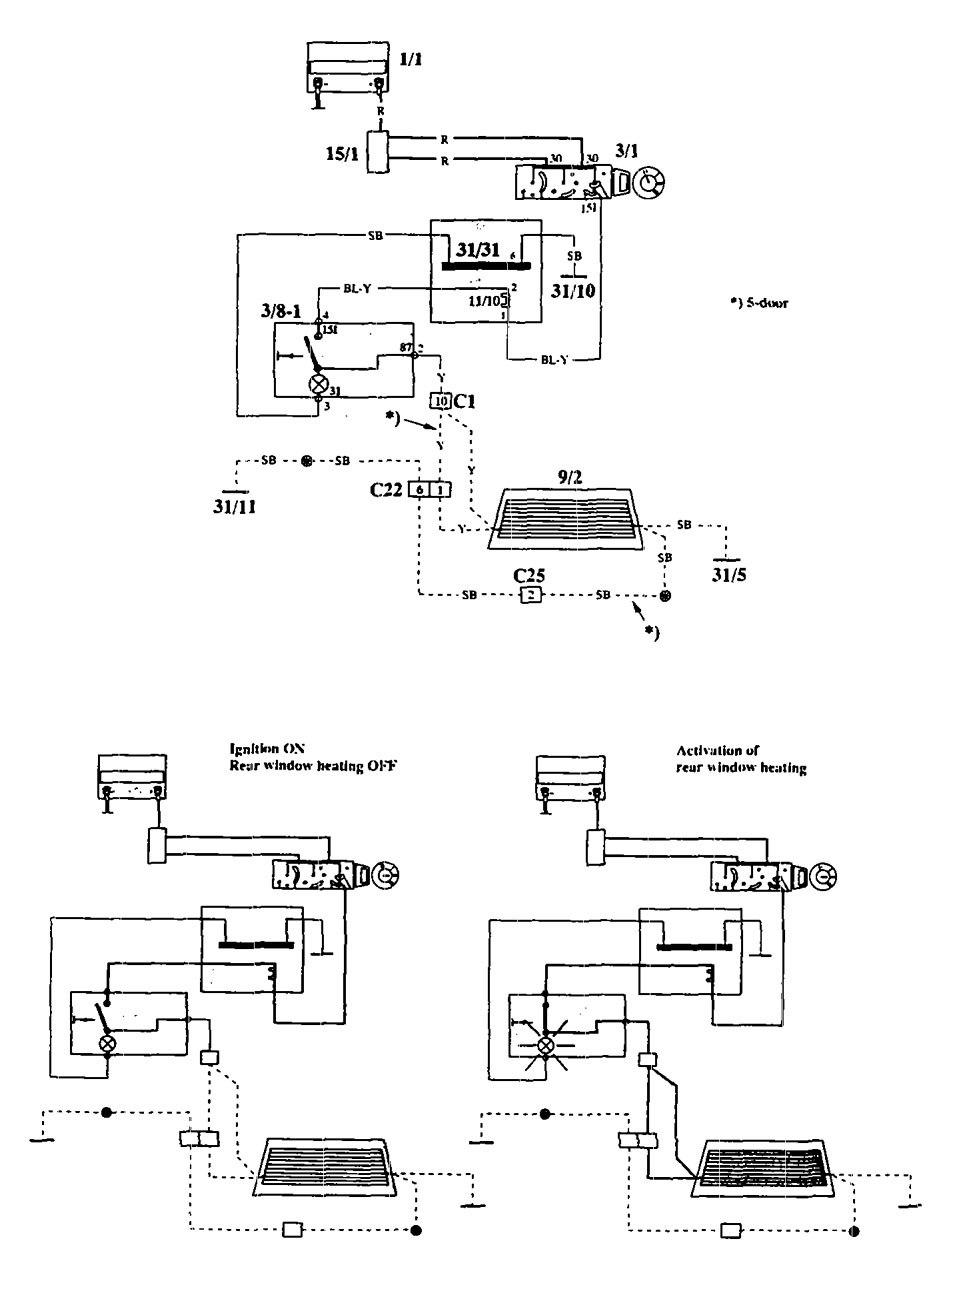 Volvo 940 1994 Wiring Diagrams Rear Window Defogger Carknowledge Diagram